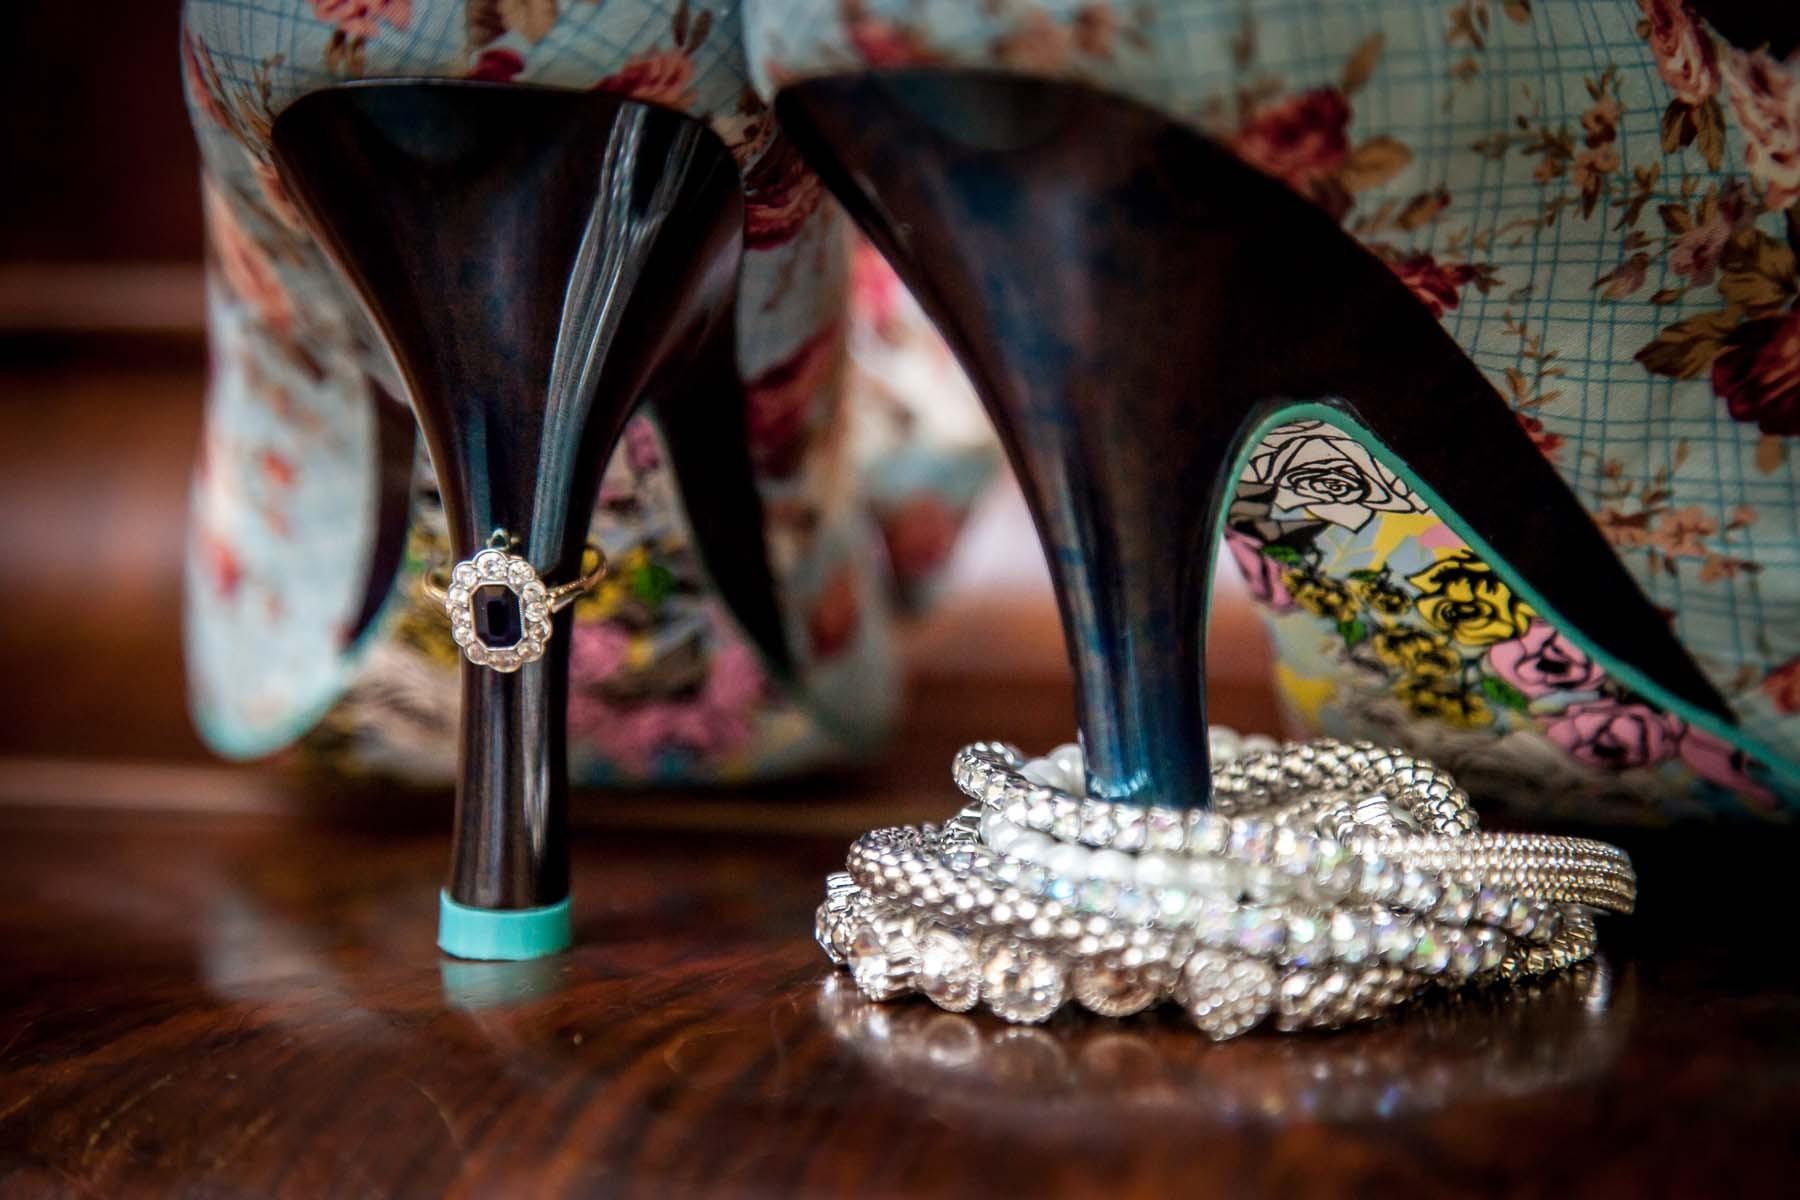 Sussex & Surrey Wedding Photographer - Details (13)